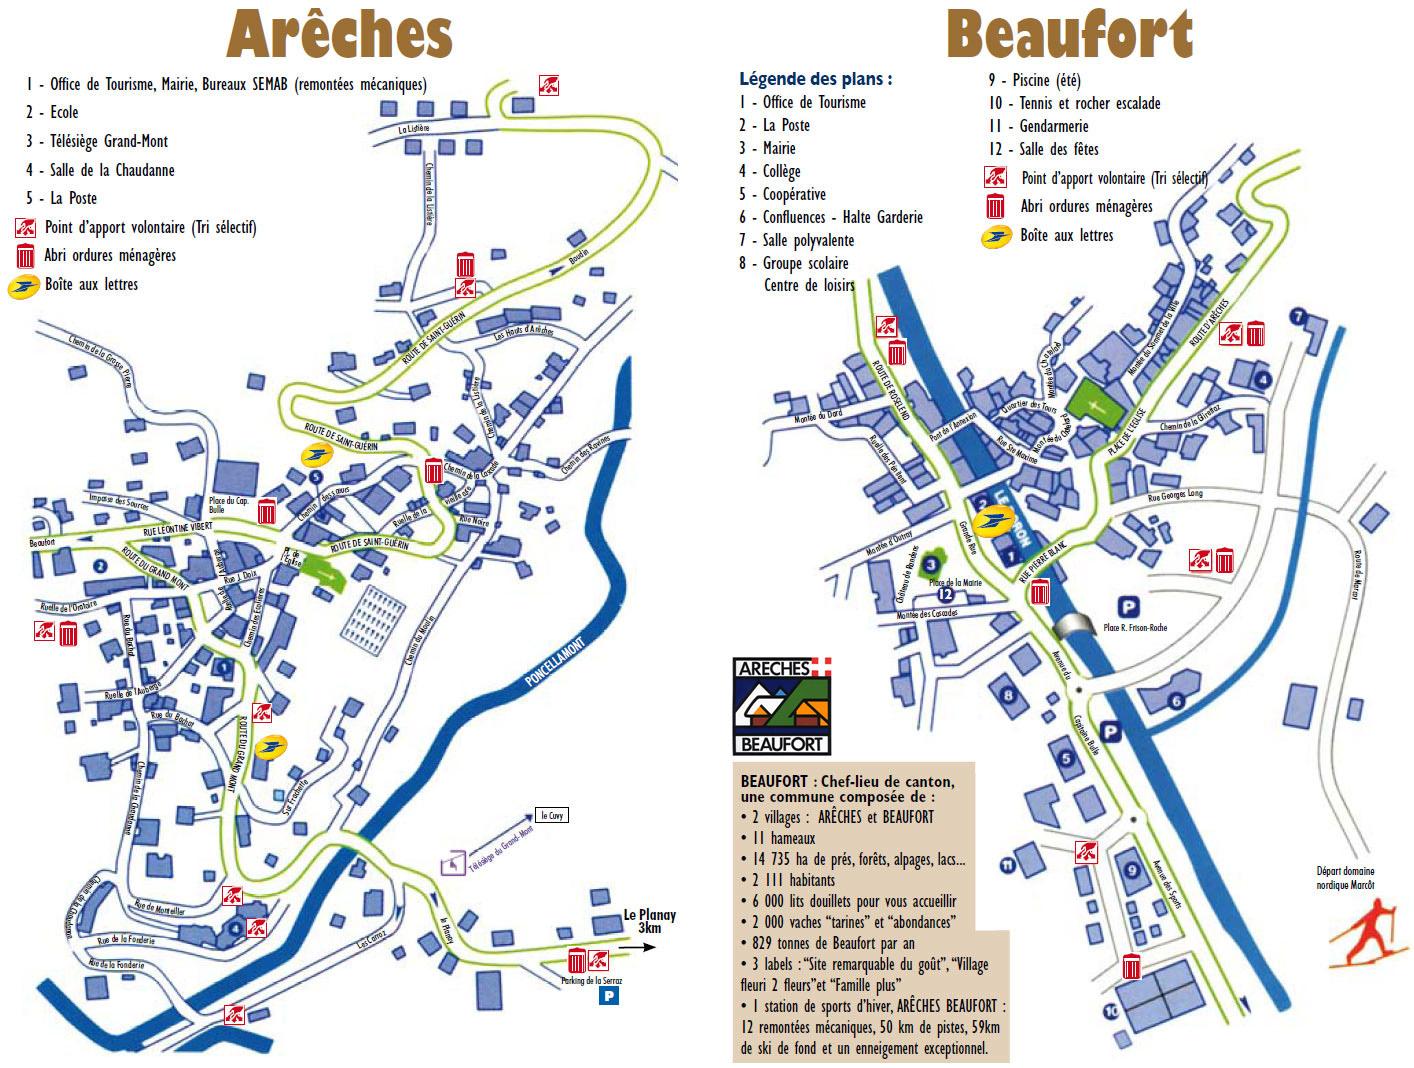 Plan d'accès Arêches-Beaufort